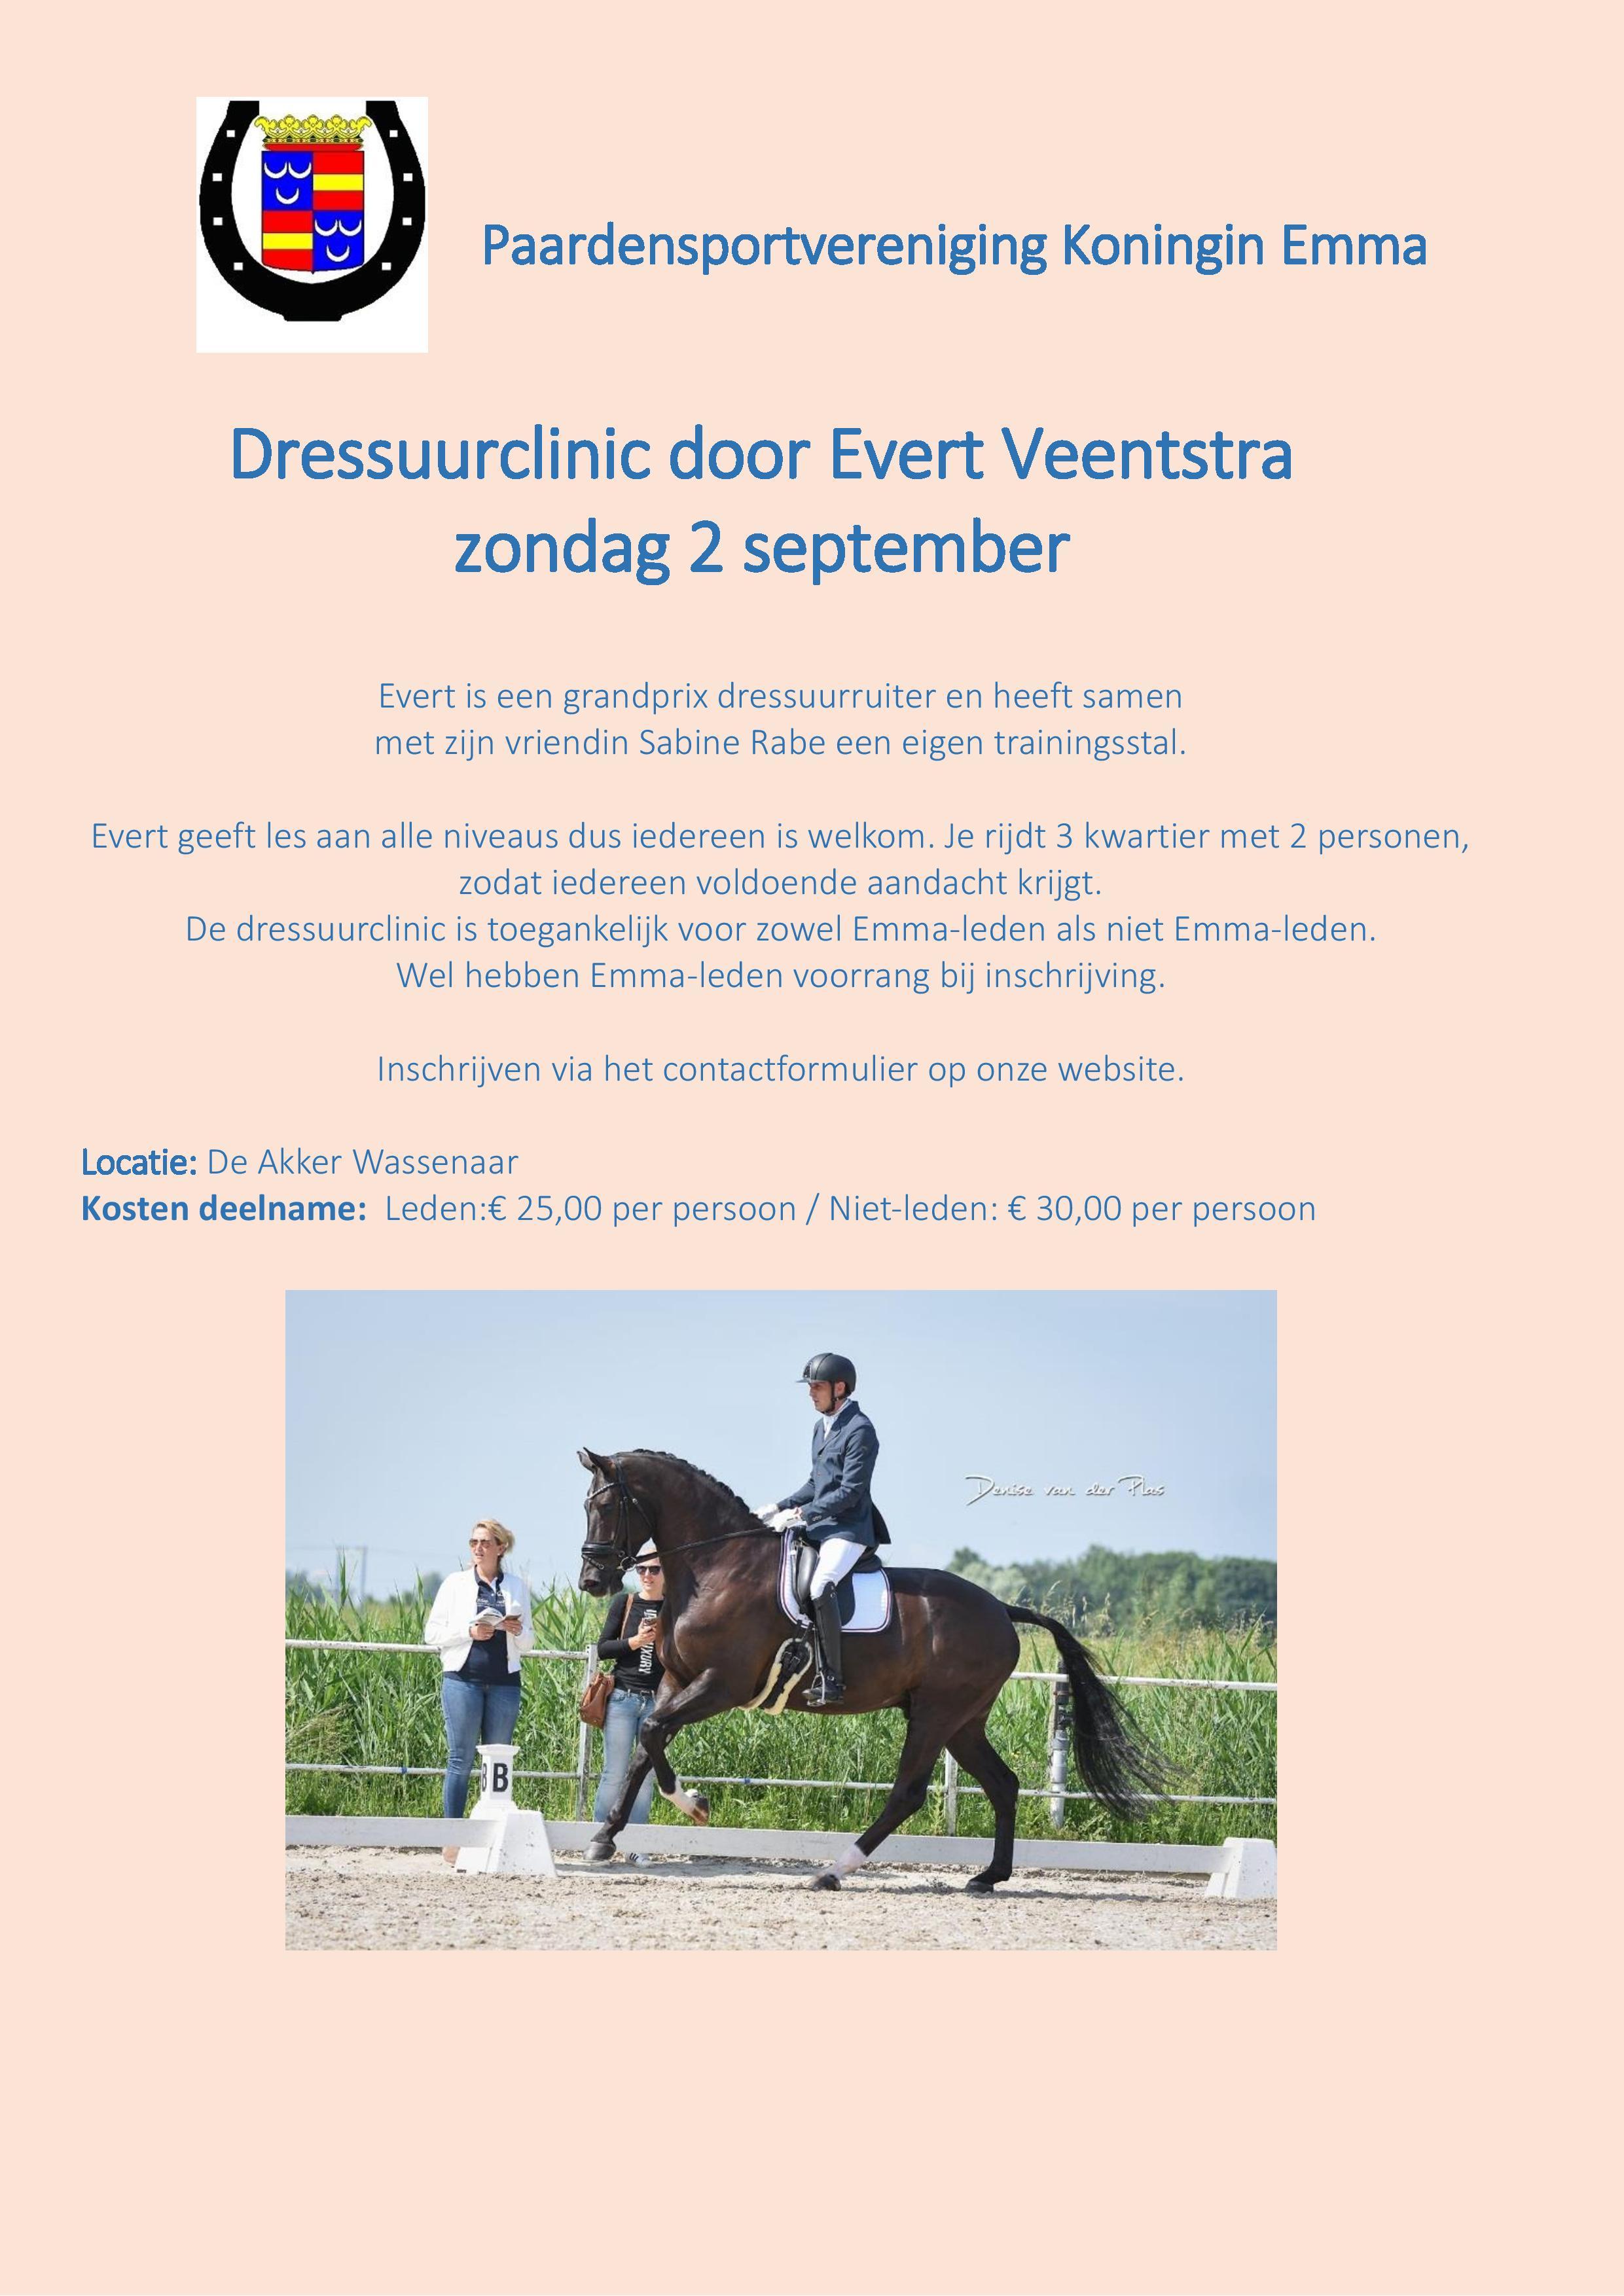 Zondag 2 september Dressuurclinic van Evert Veenstra